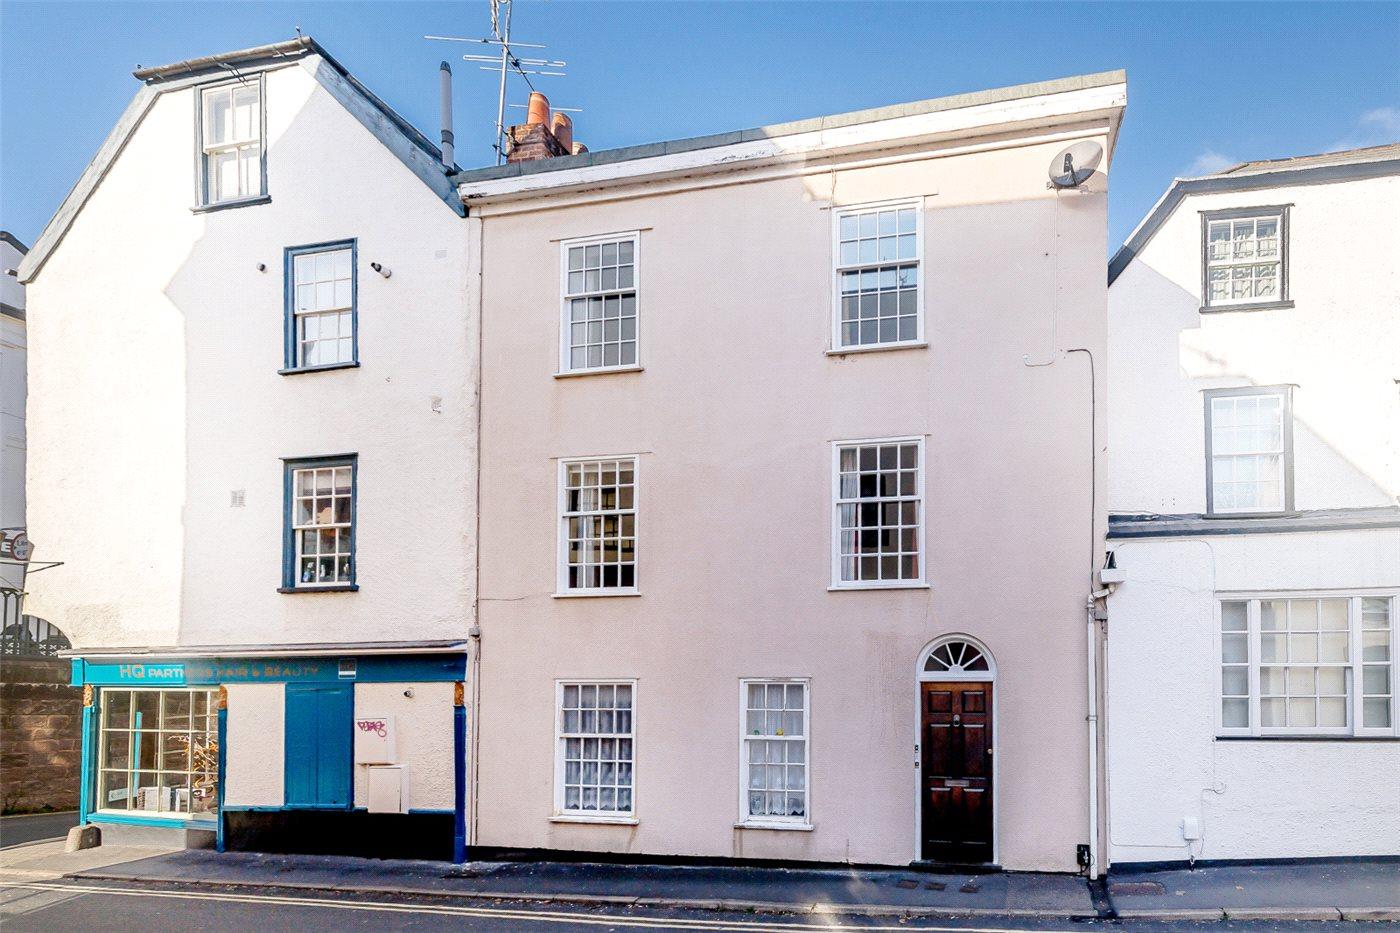 Northernhay Street, Exeter, Devon